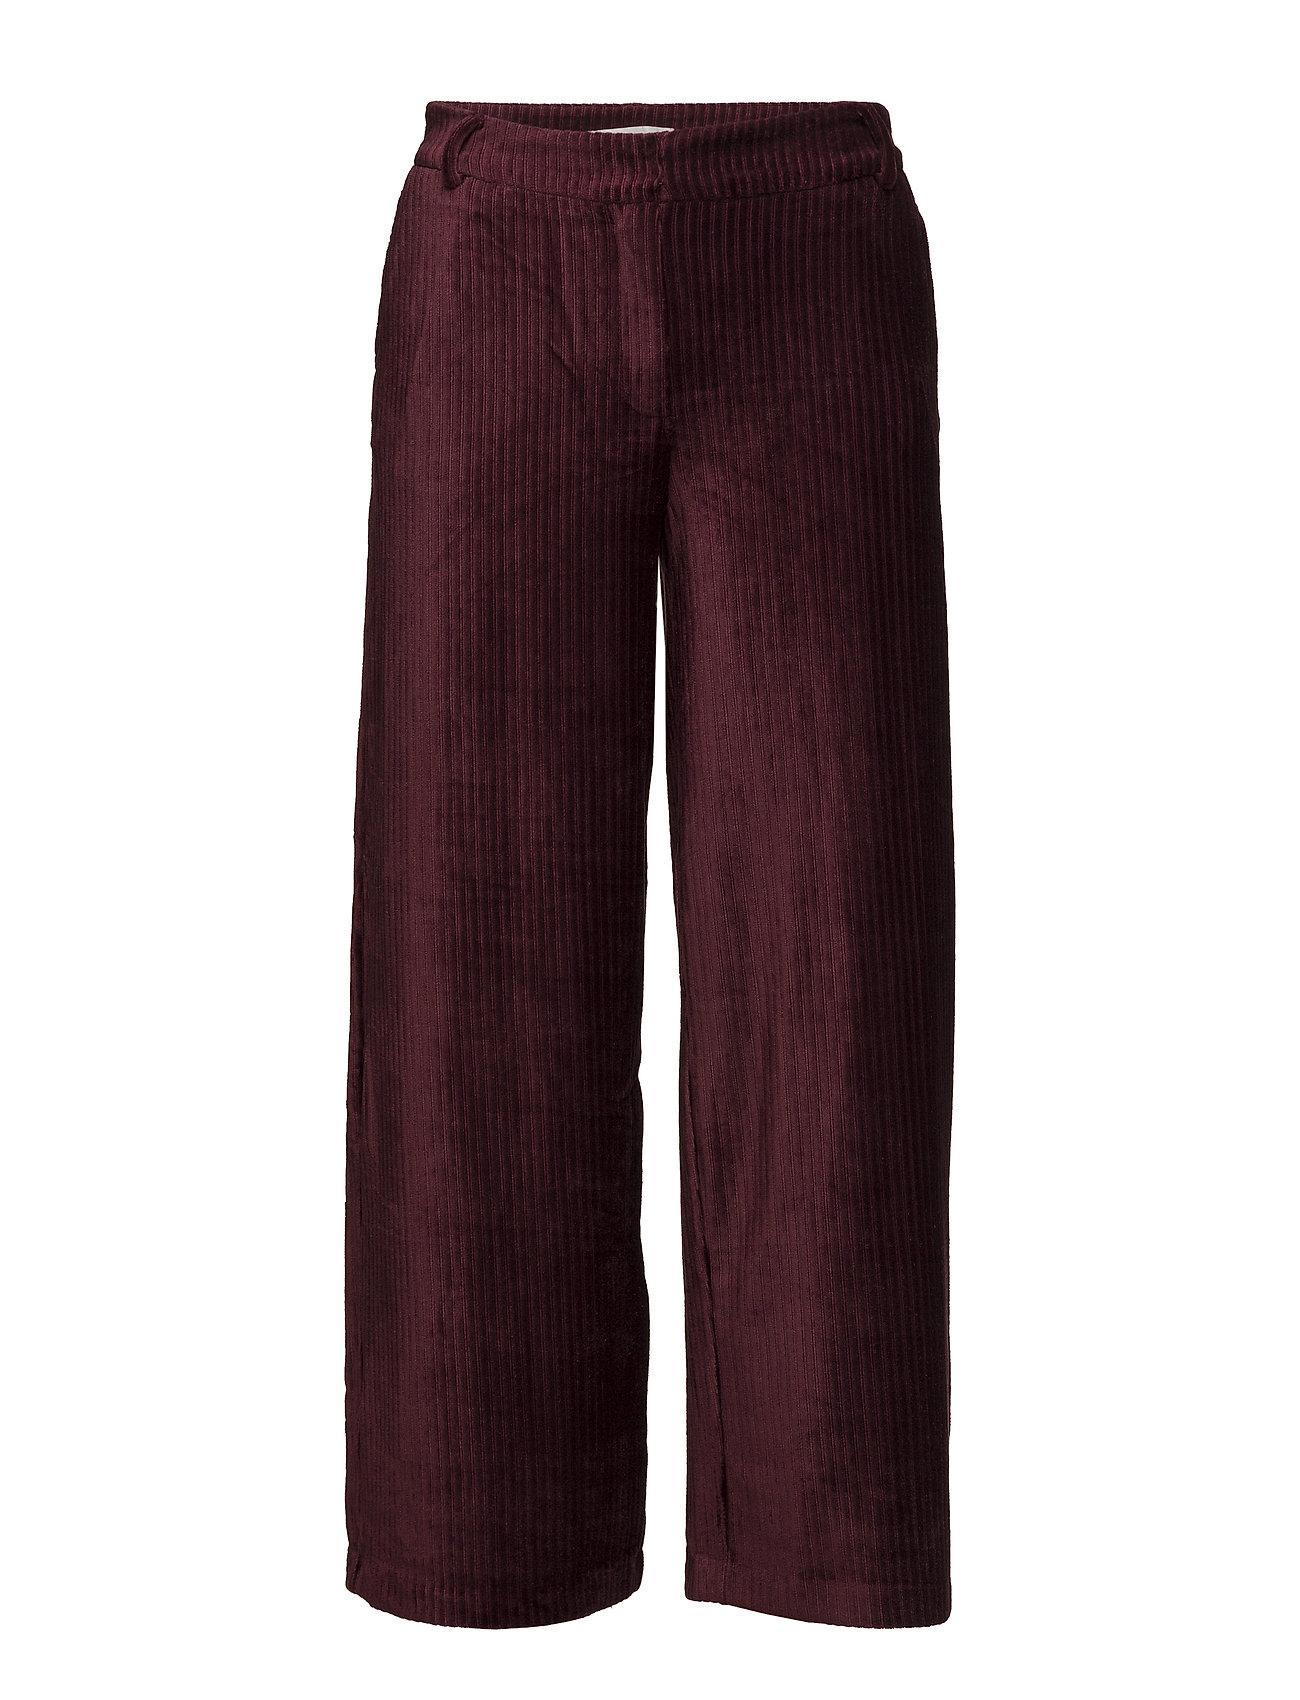 2nd One Eloise 107 Crop Cordovan Pants - CORDOVAN CORDUROY